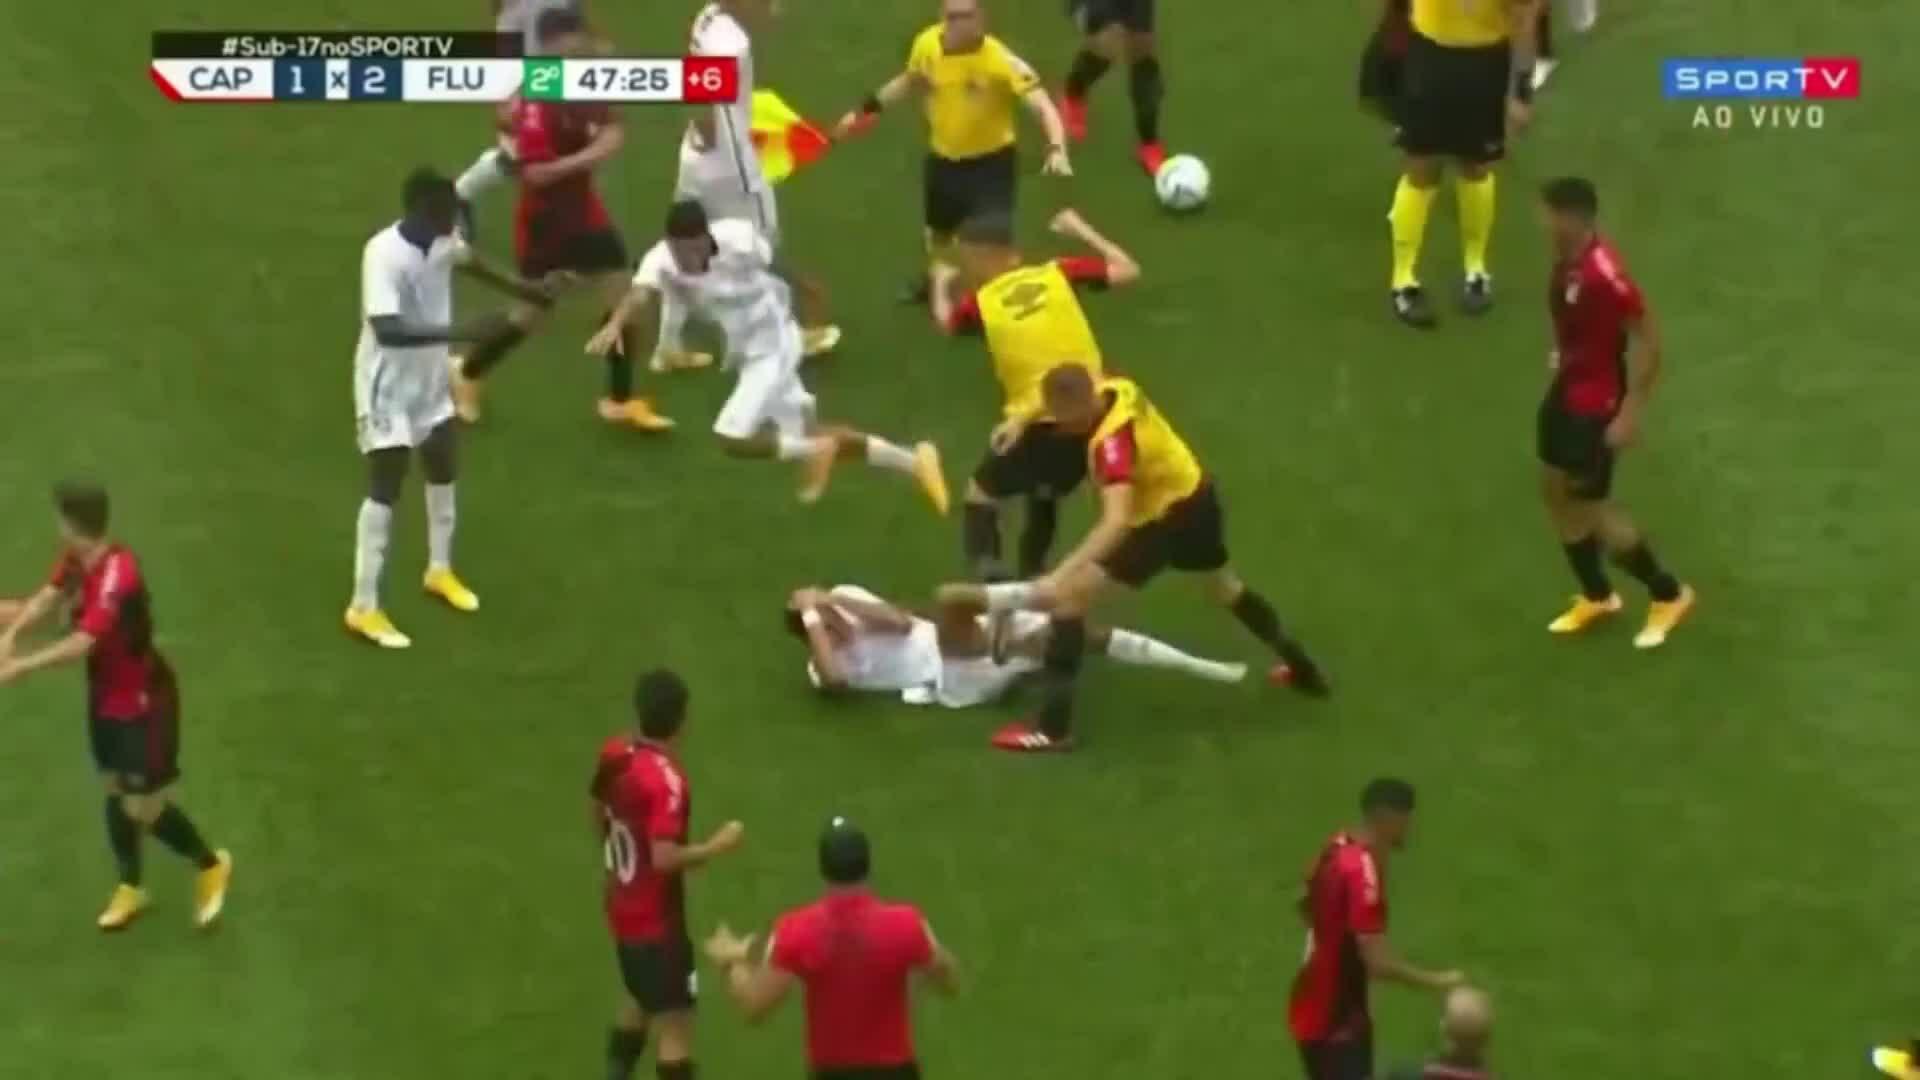 9 cầu thủ bị đuổi cùng lúc vì đánh nhau